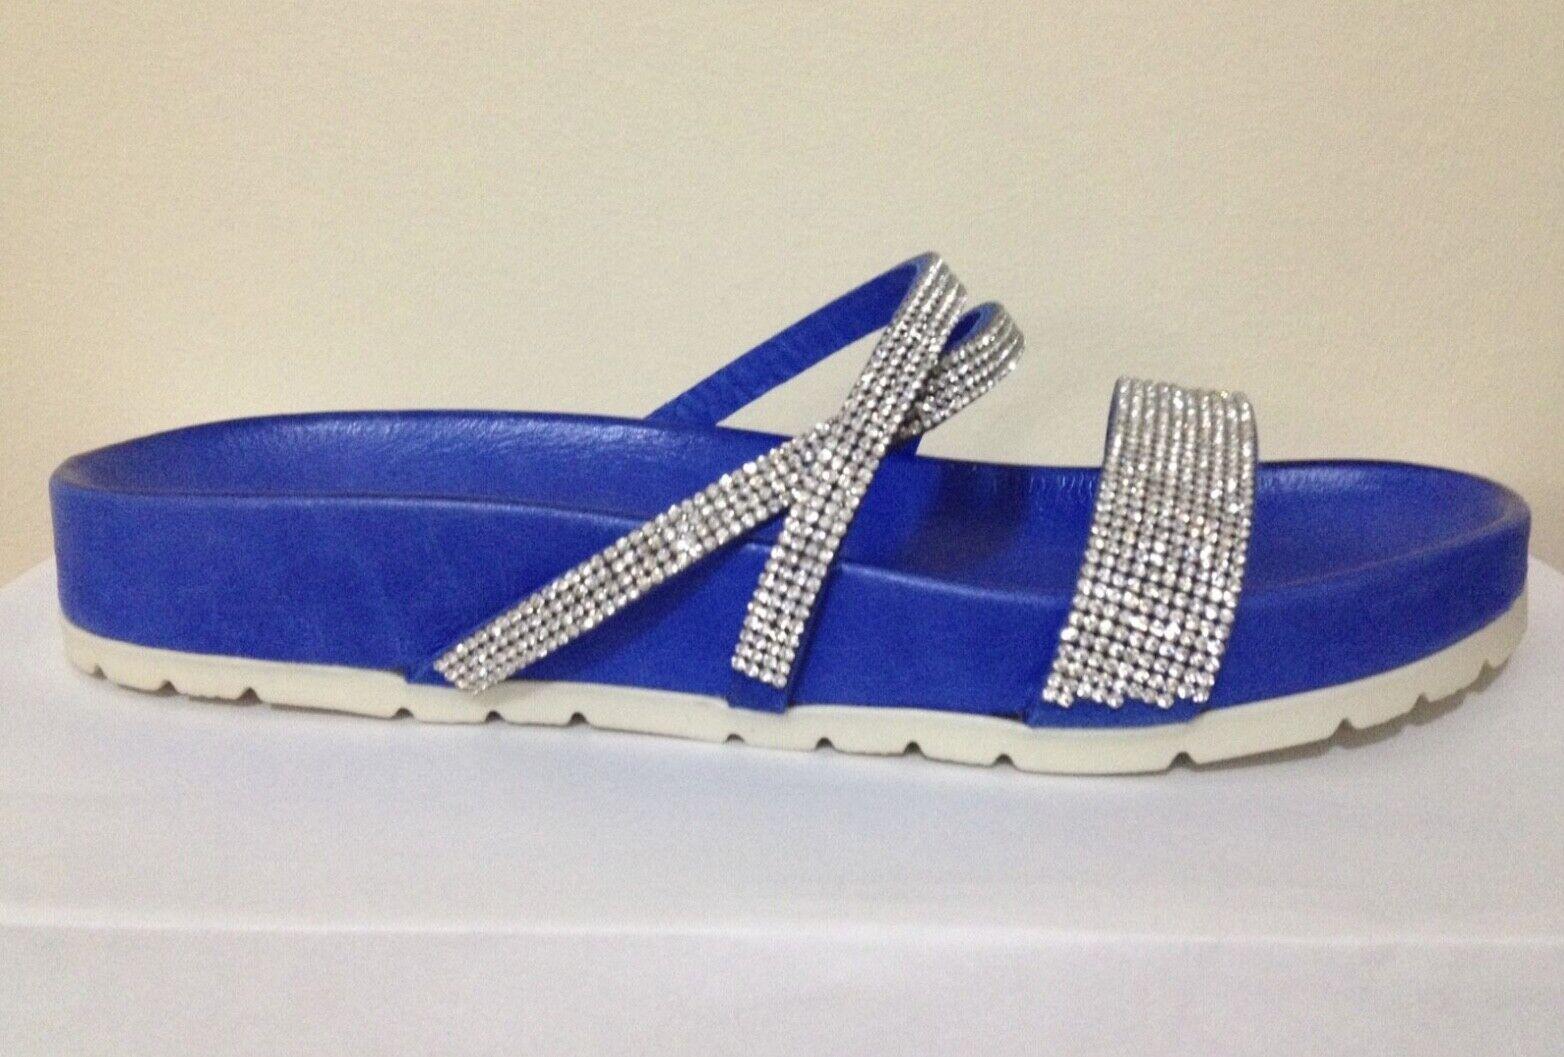 Mesdames Maison Plage Douche À Enfiler Sandales en cuir strass fashion EUR 37 UK 4